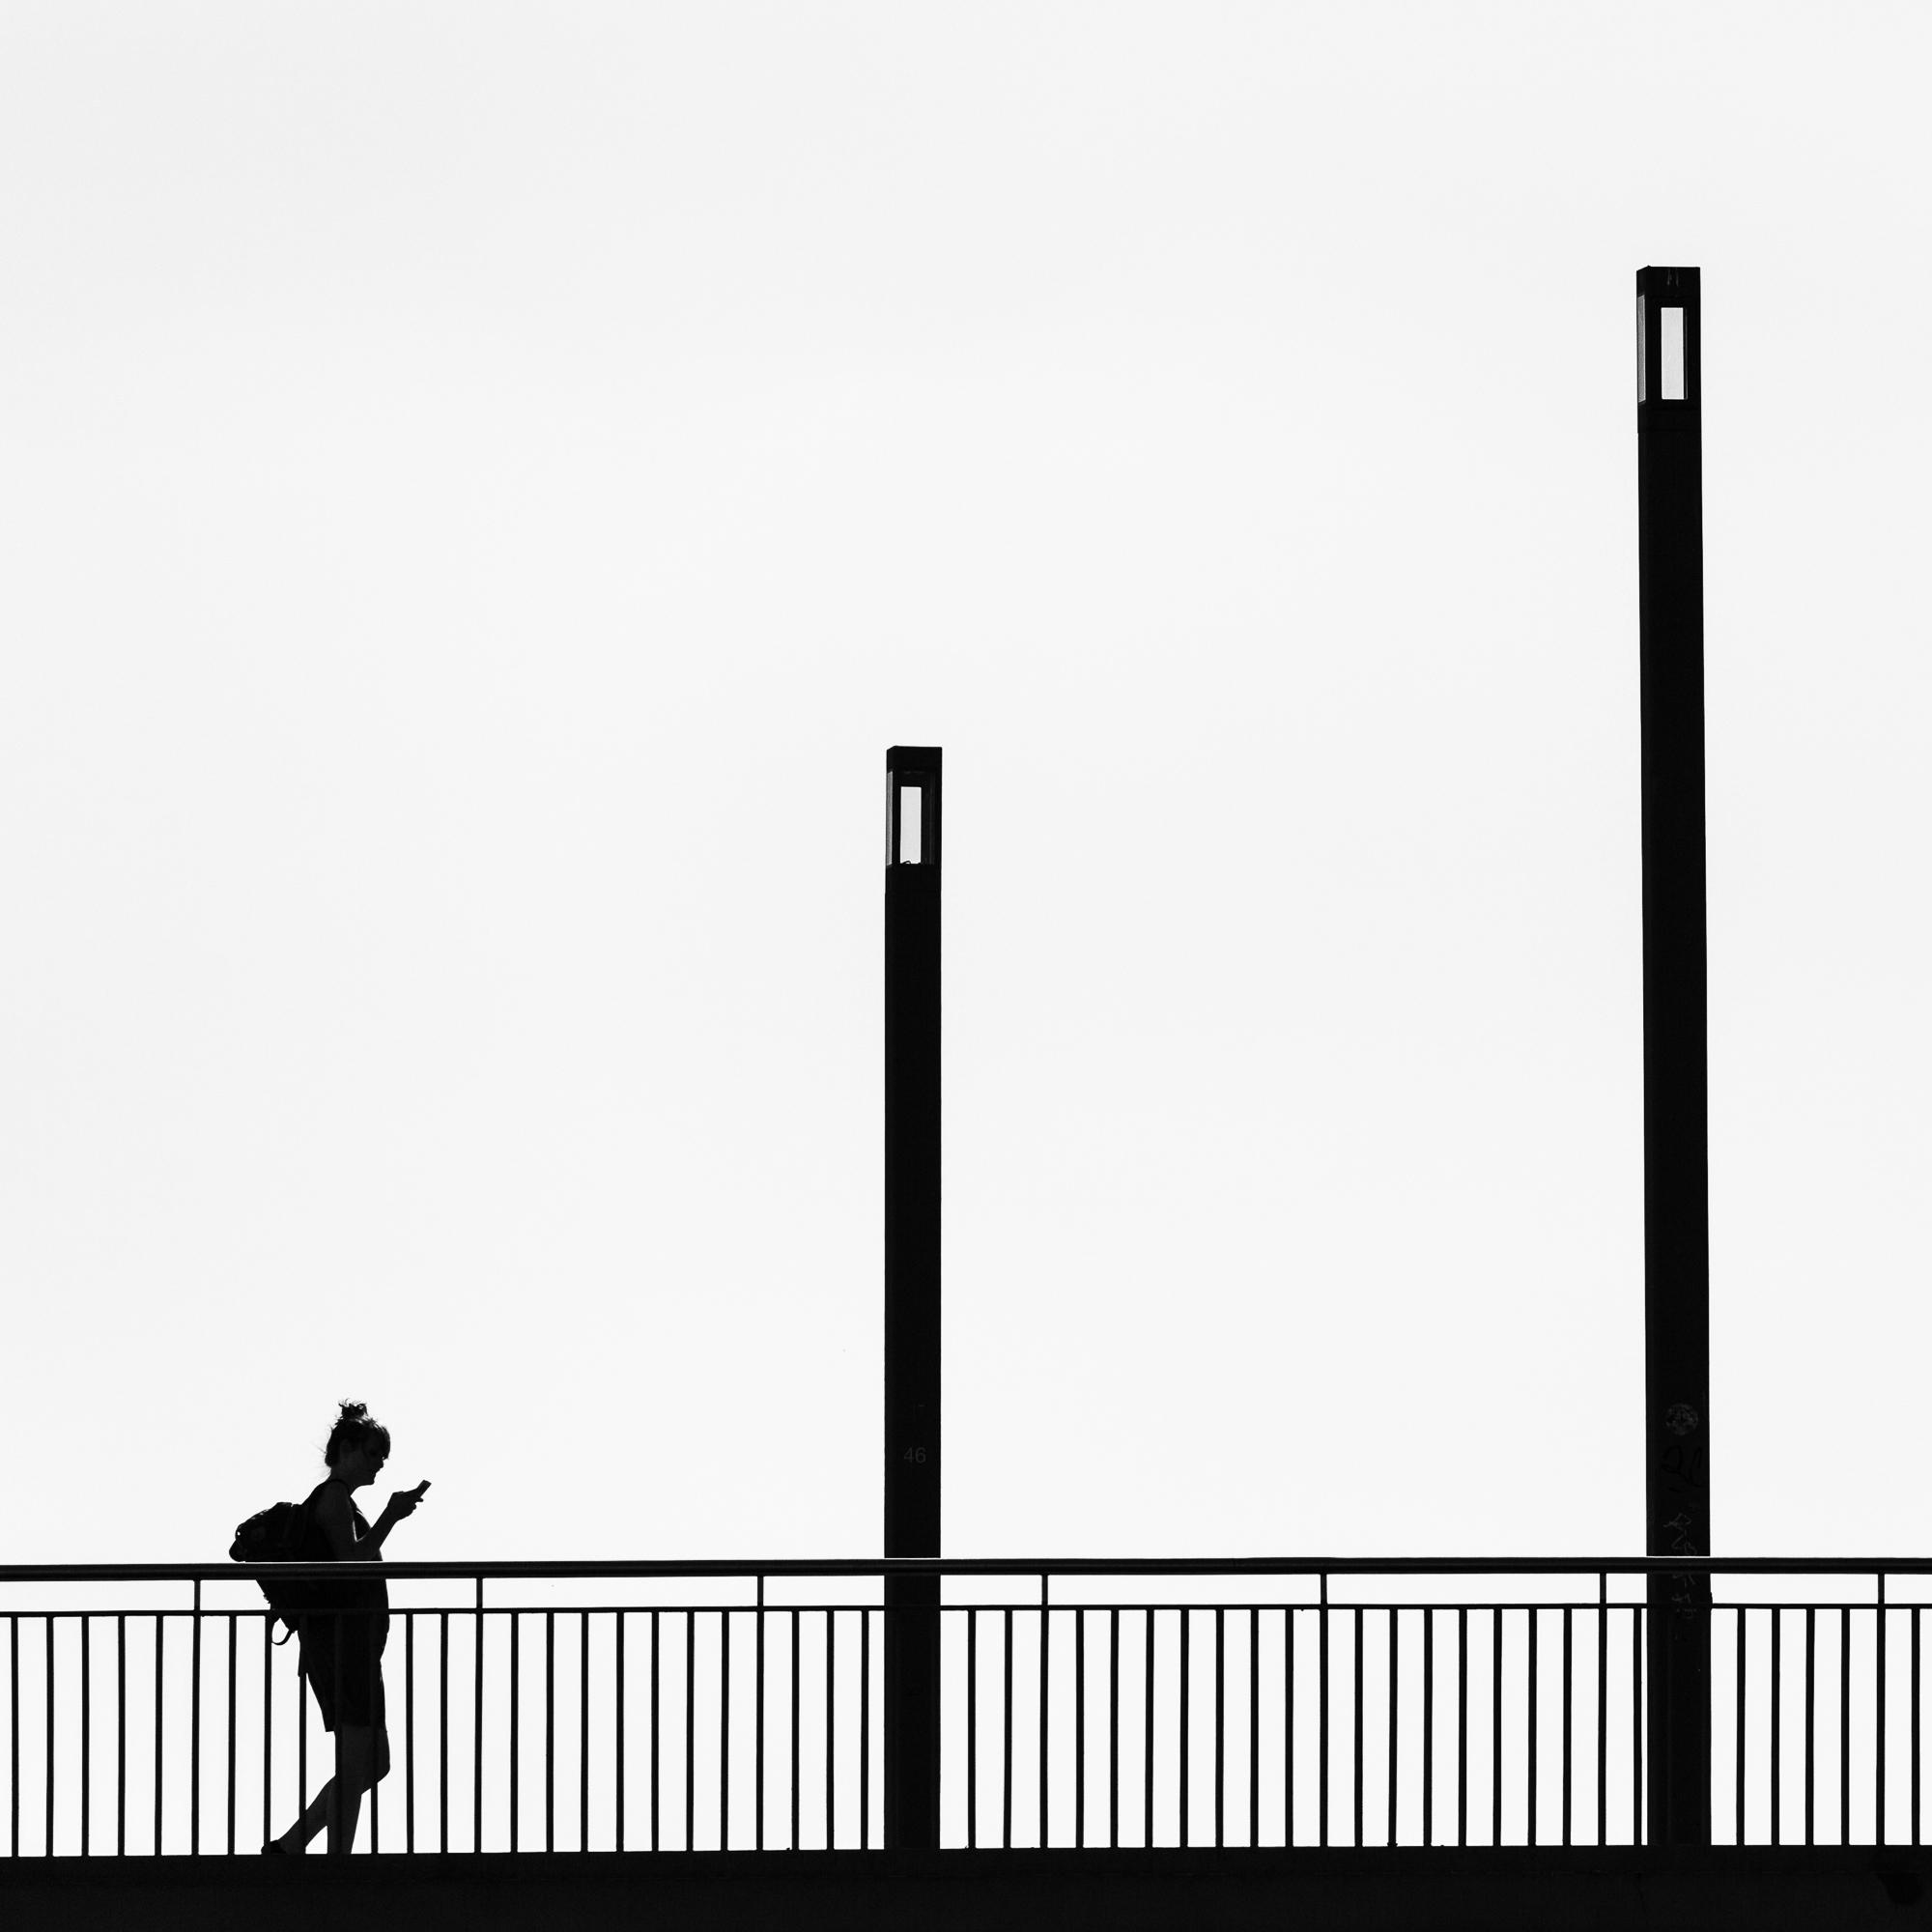 Streetfotografie an der Spree